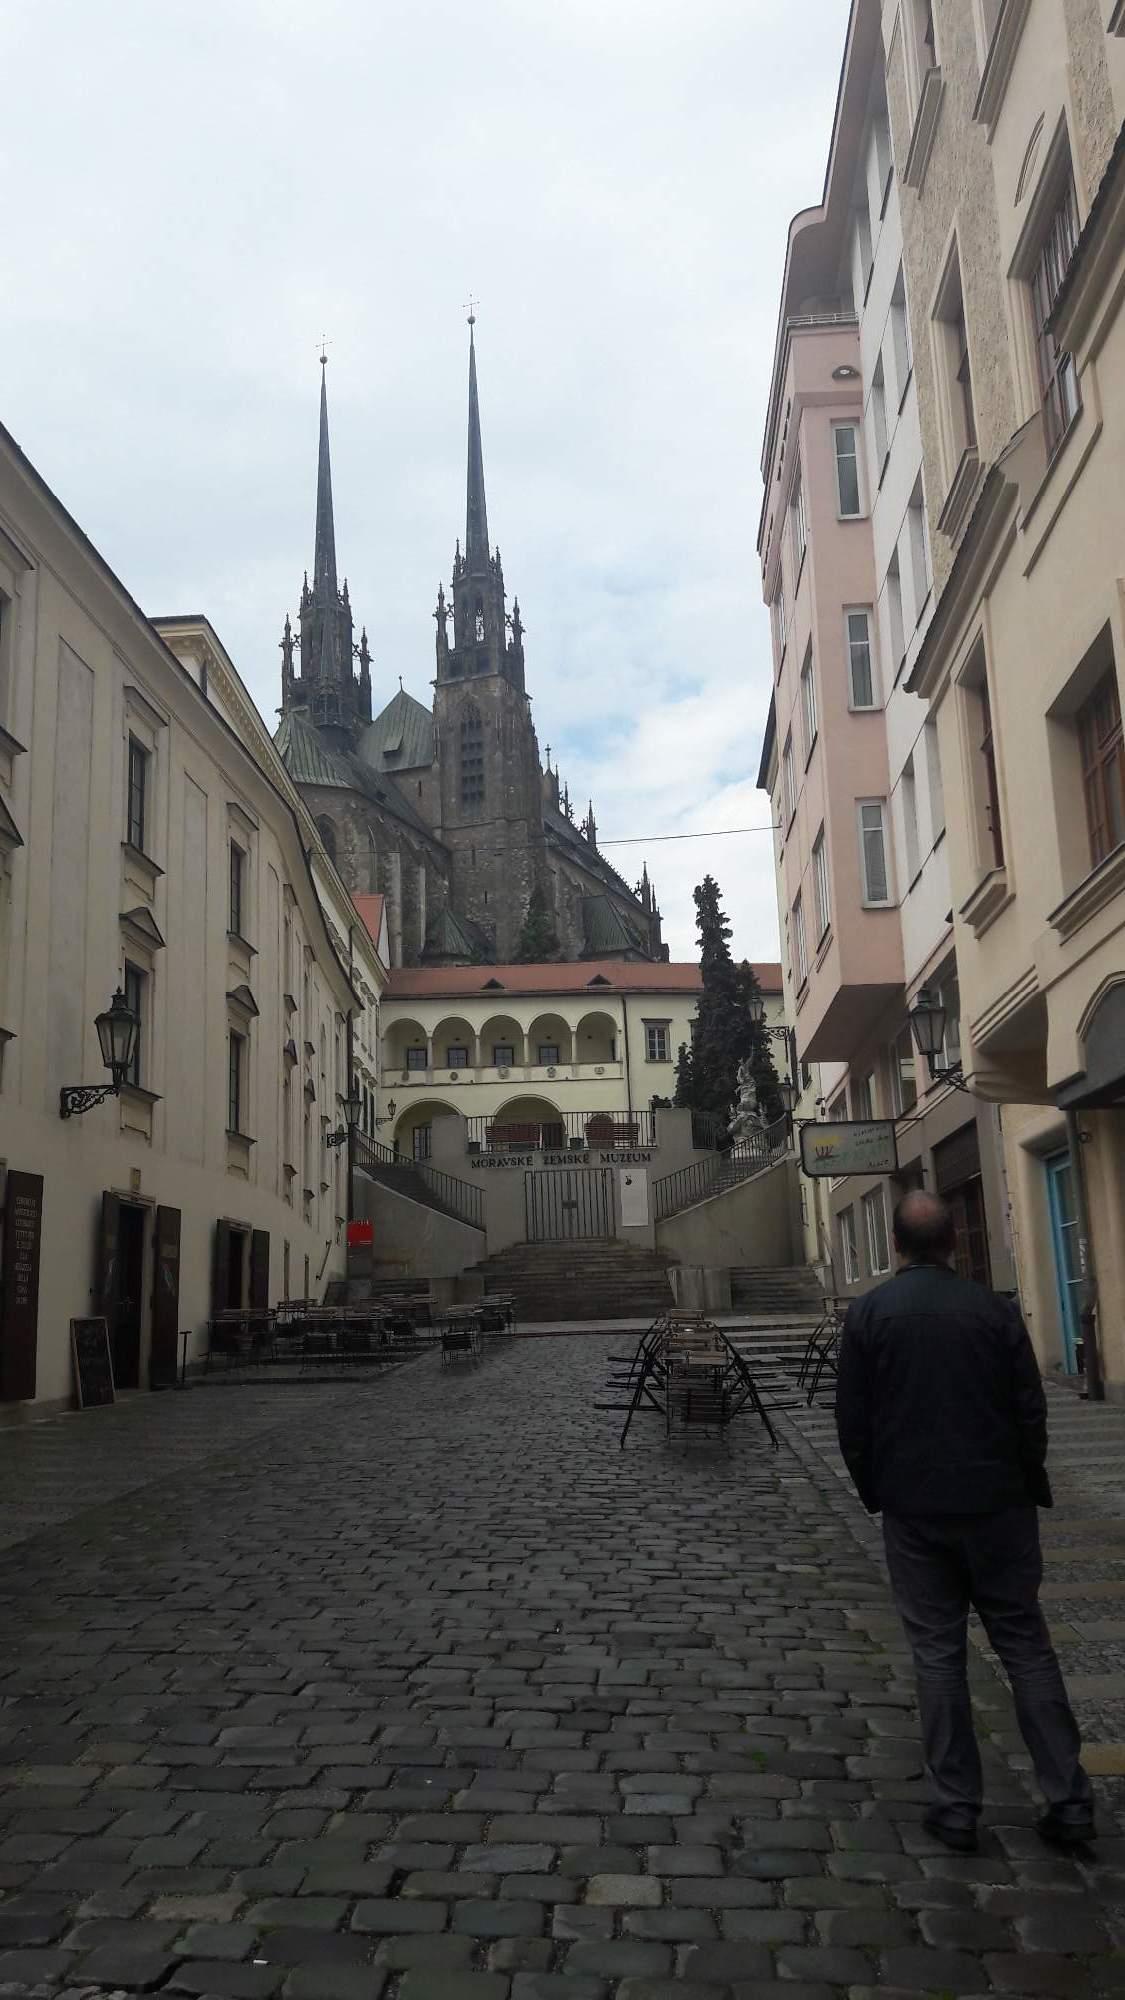 Katedrála sv. Petra a Pavla na Petrově je dominantou města Brna. FOTO: Tereza Hálová